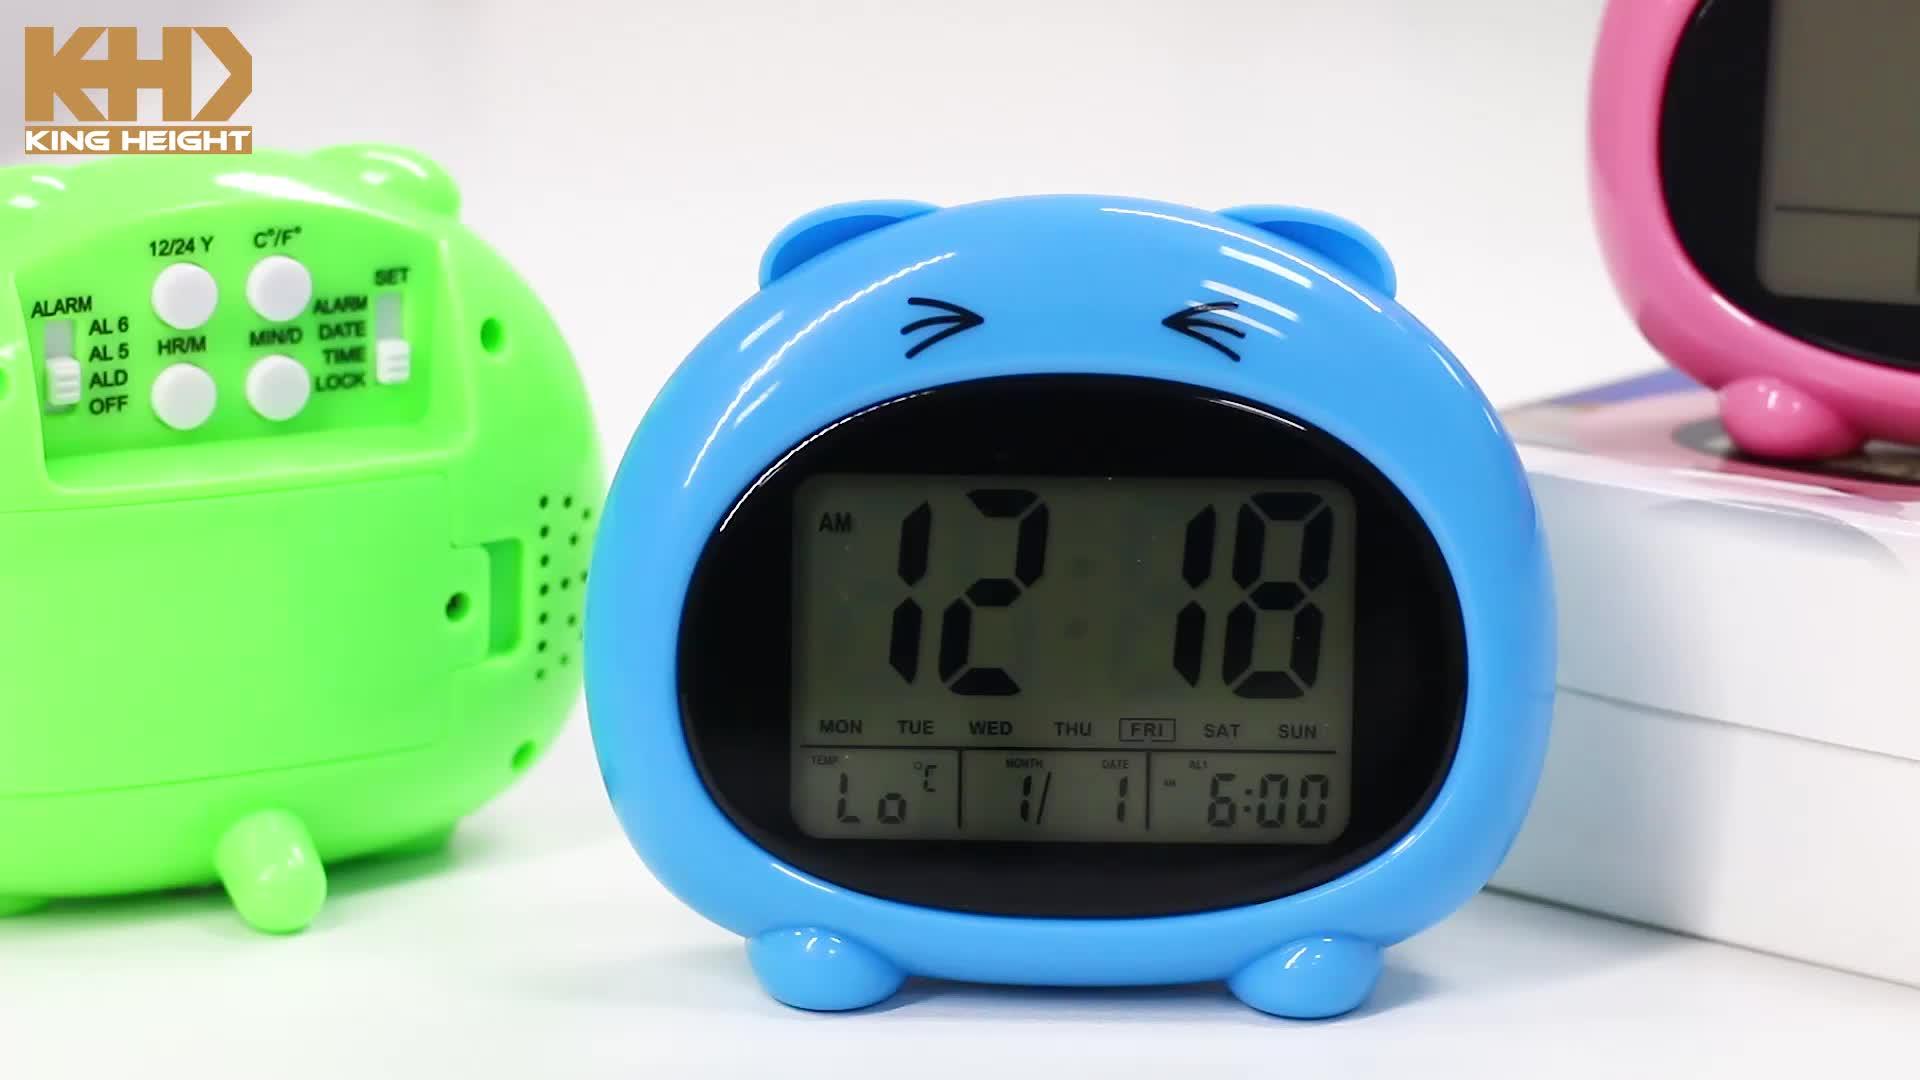 KH-CL131 Multifunctional डेस्कटॉप डिजिटल कैलेंडर तापमान प्रदर्शन अंग्रेजी बात कर रहे पशु बच्चों के लिए अलार्म घड़ी